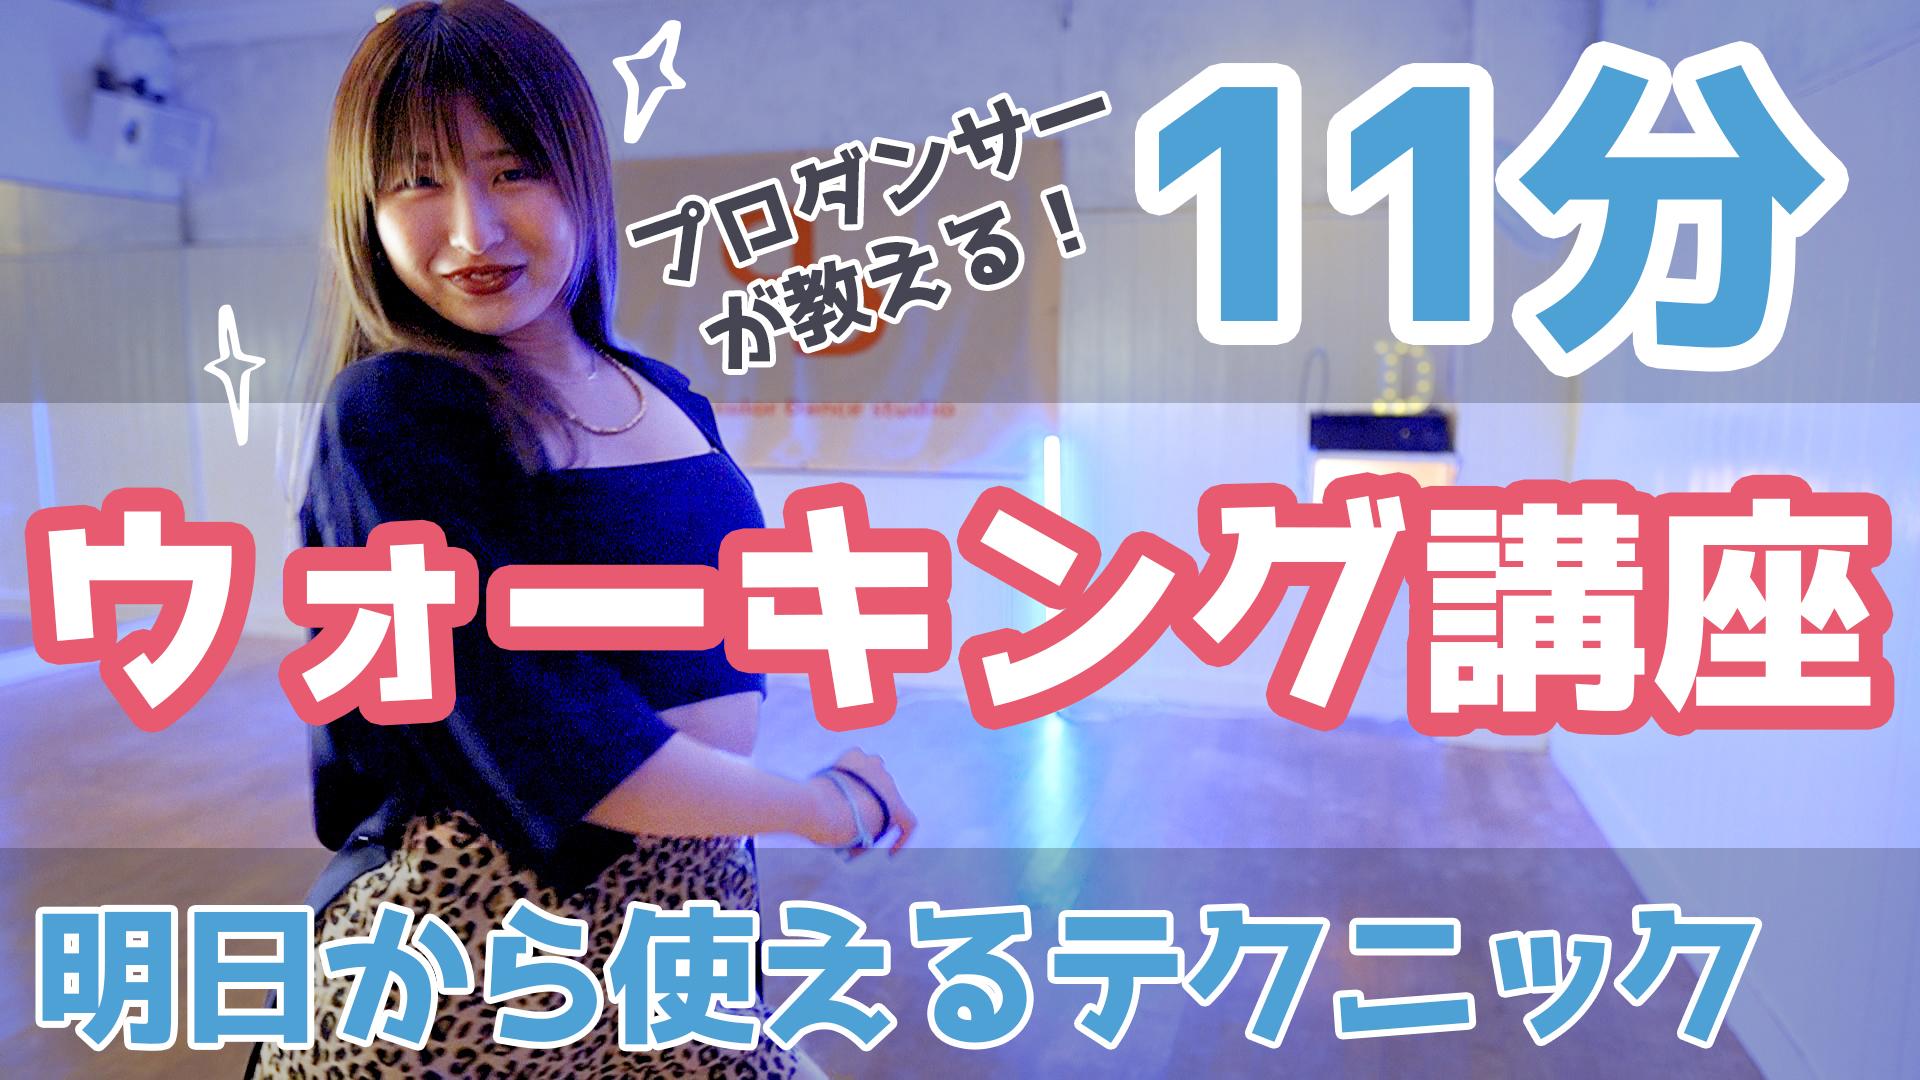 【 ダンスレクチャー 】ウォーキングで変わる!ダンスが見違える11分!